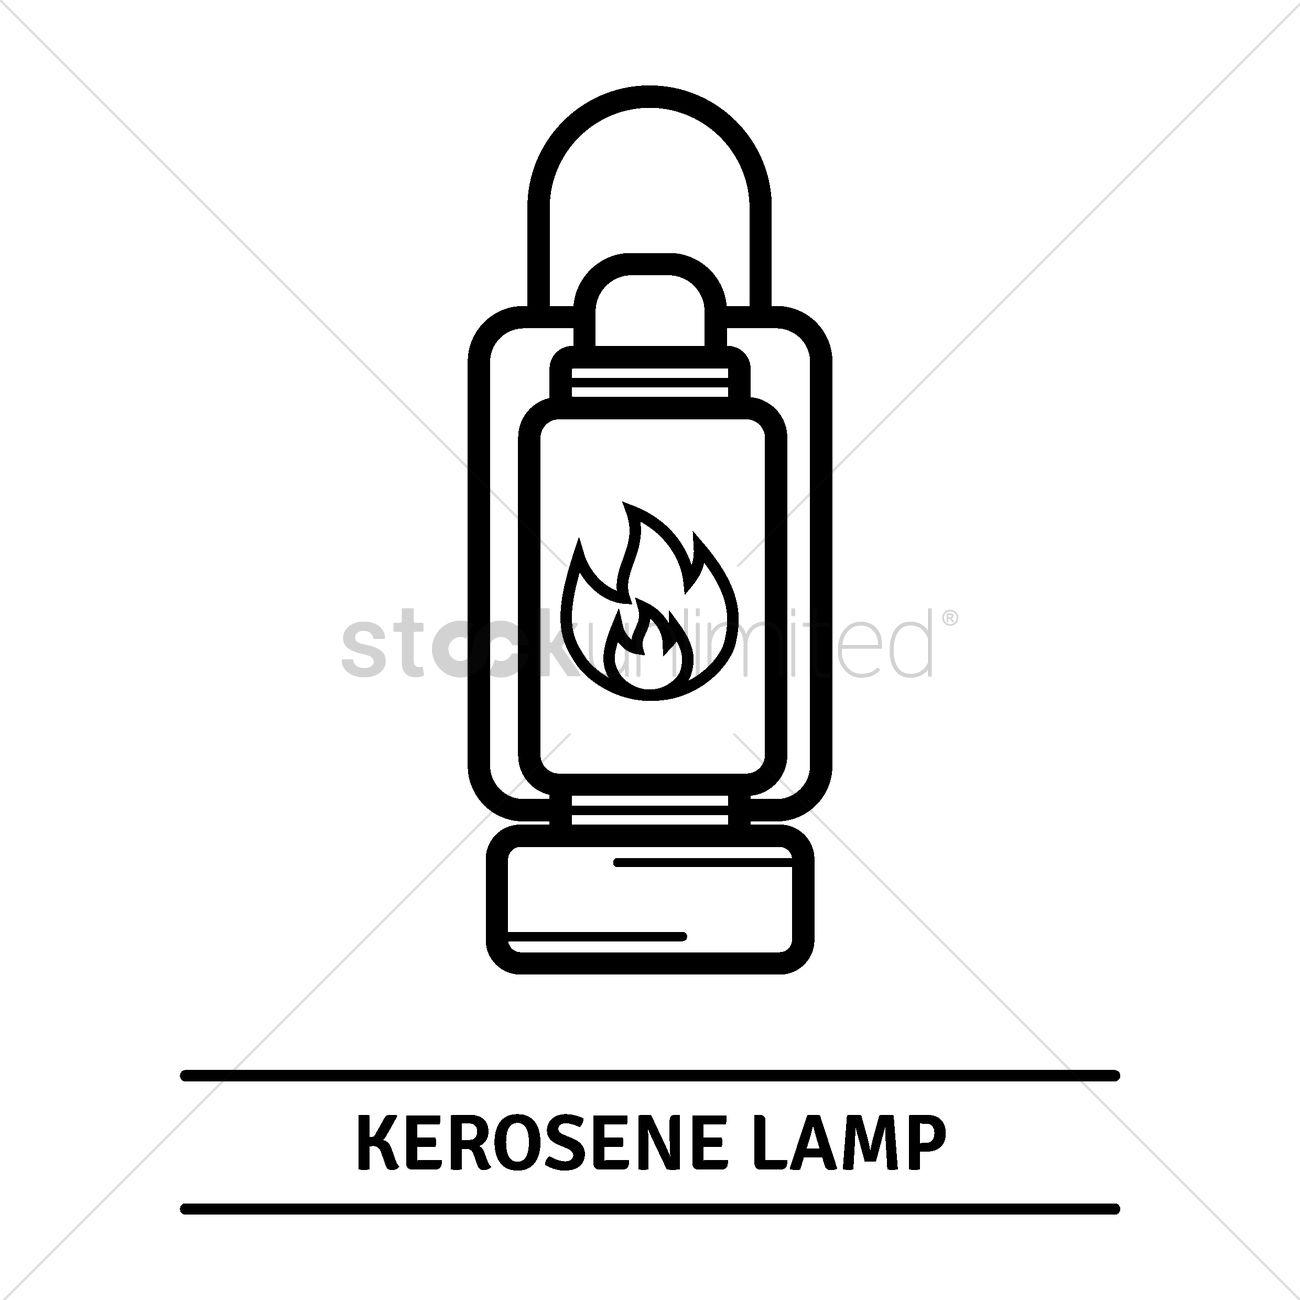 Kerosene lamp Vector Image - 1788959 | StockUnlimited for Kerosene Lamp Clipart  110zmd